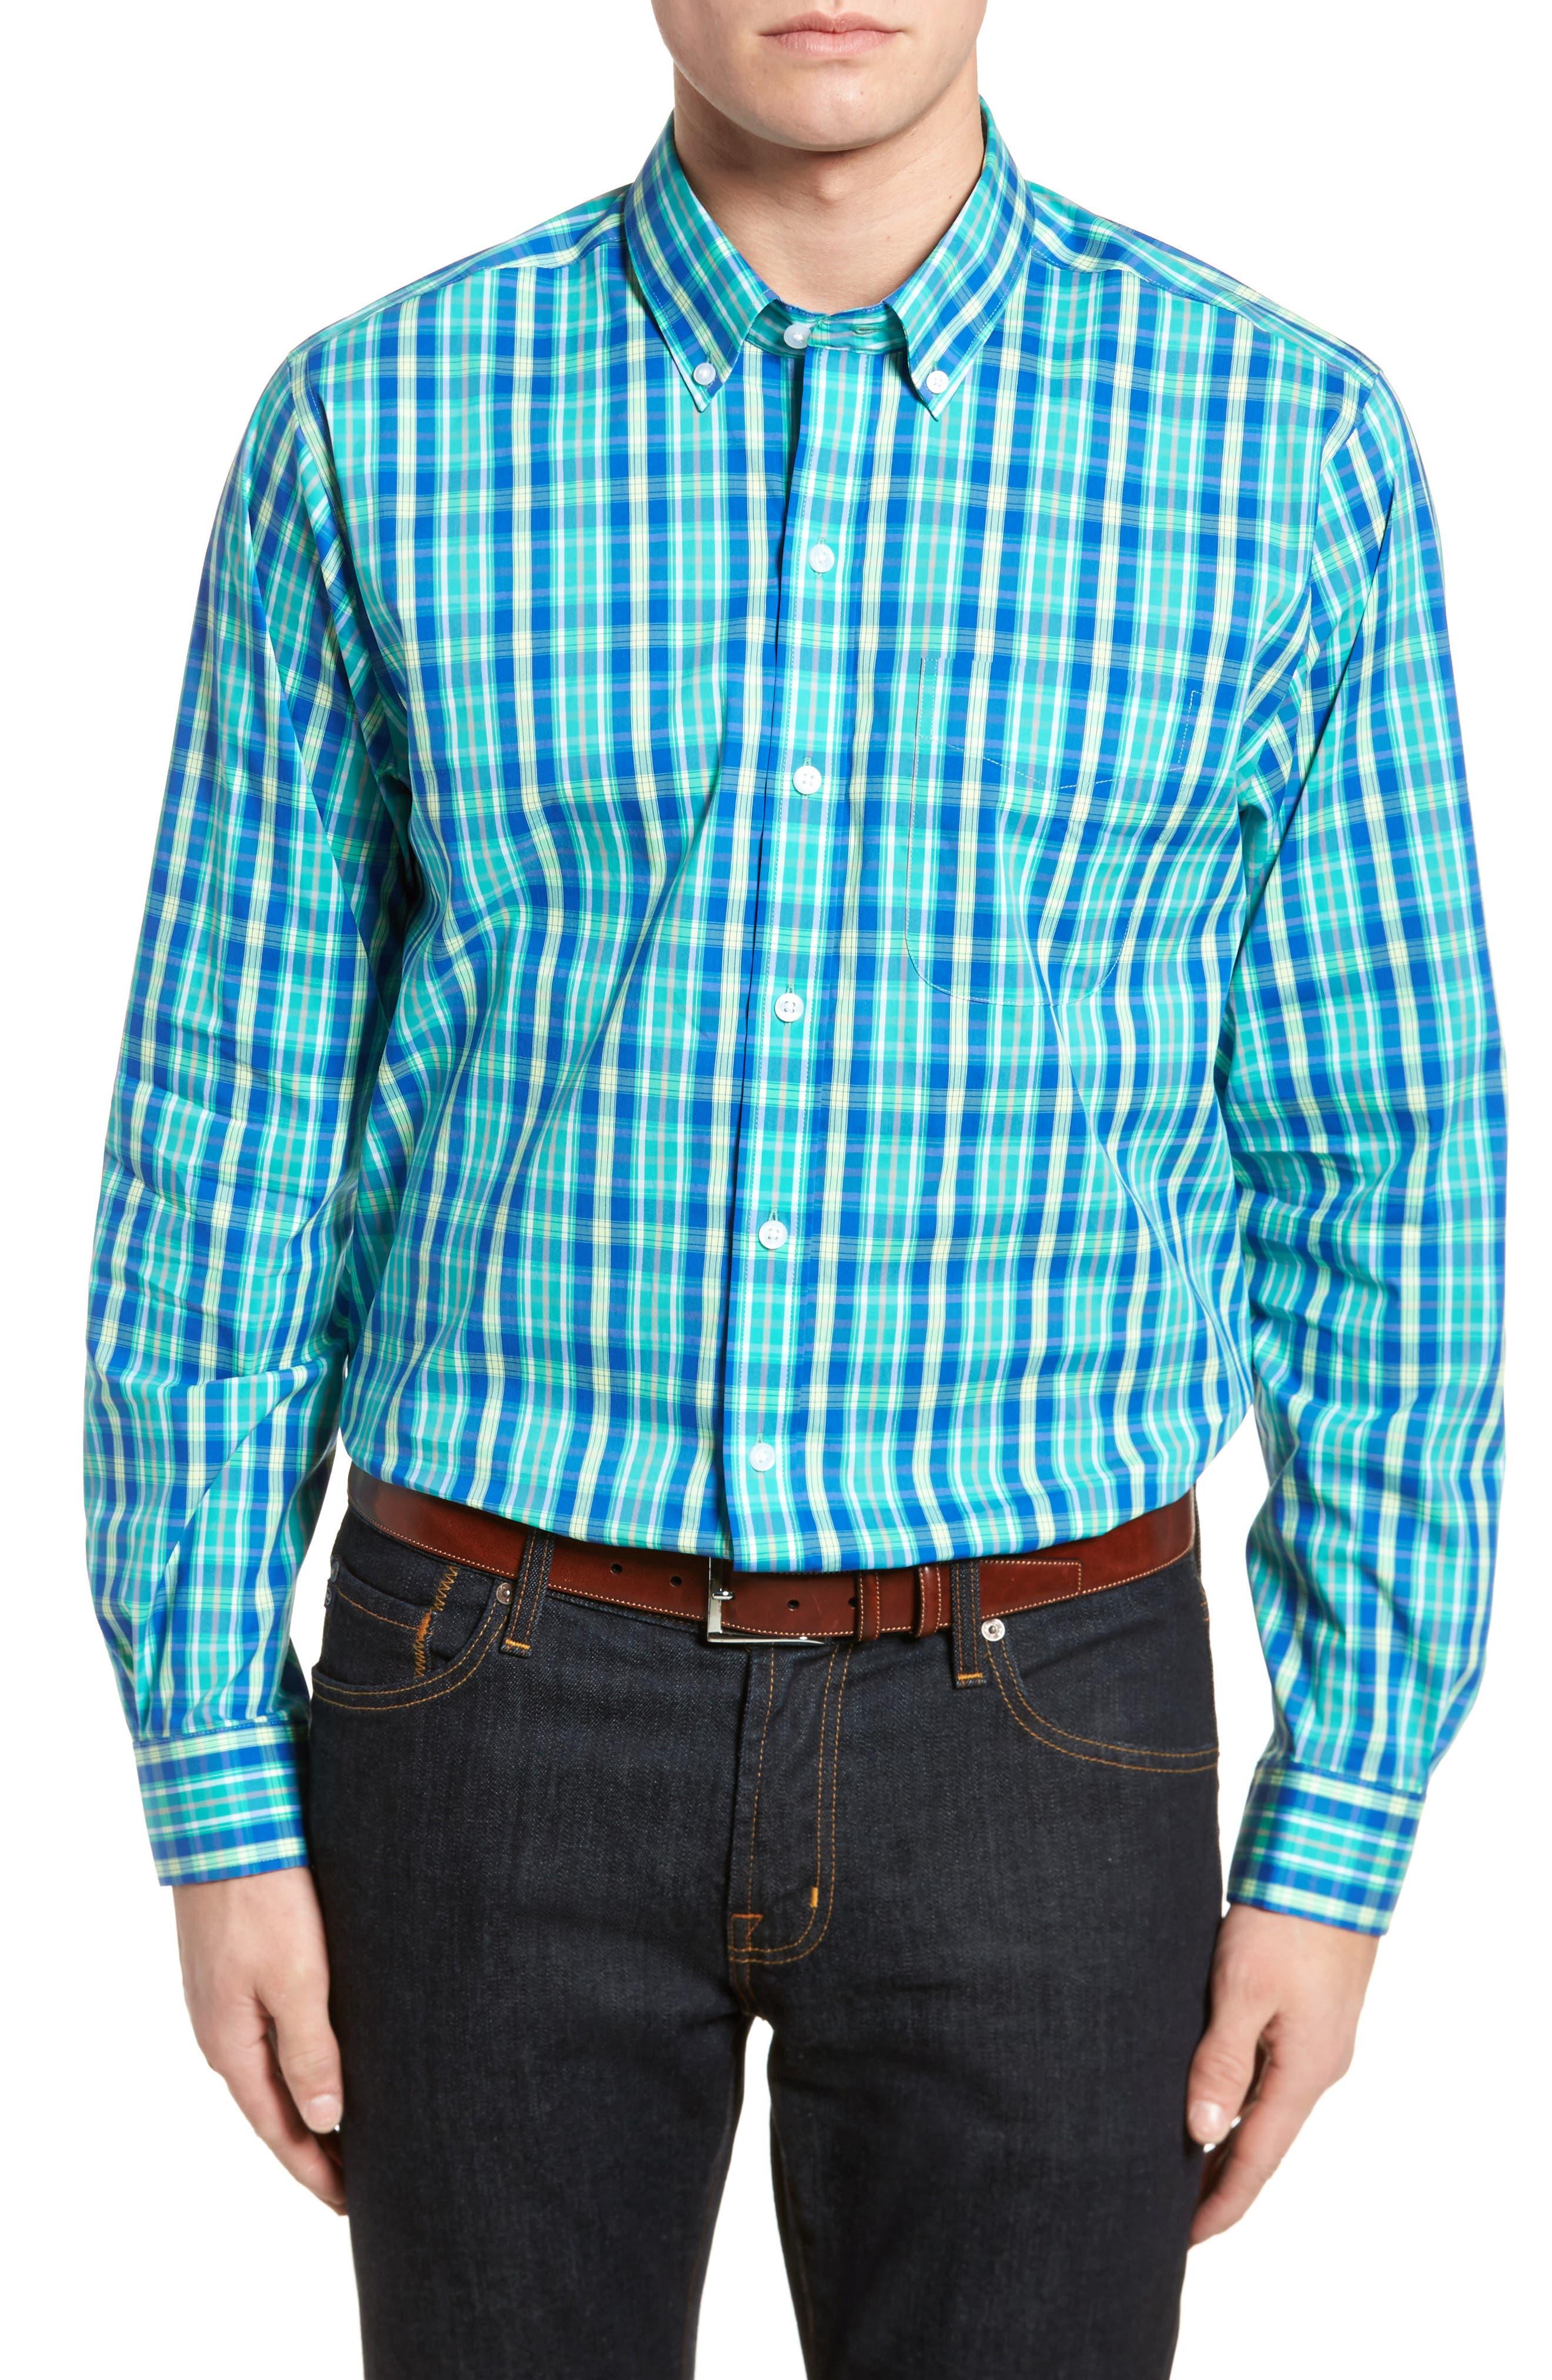 Alternate Image 1 Selected - Cutter & Buck Carter Plaid Performance Sport Shirt